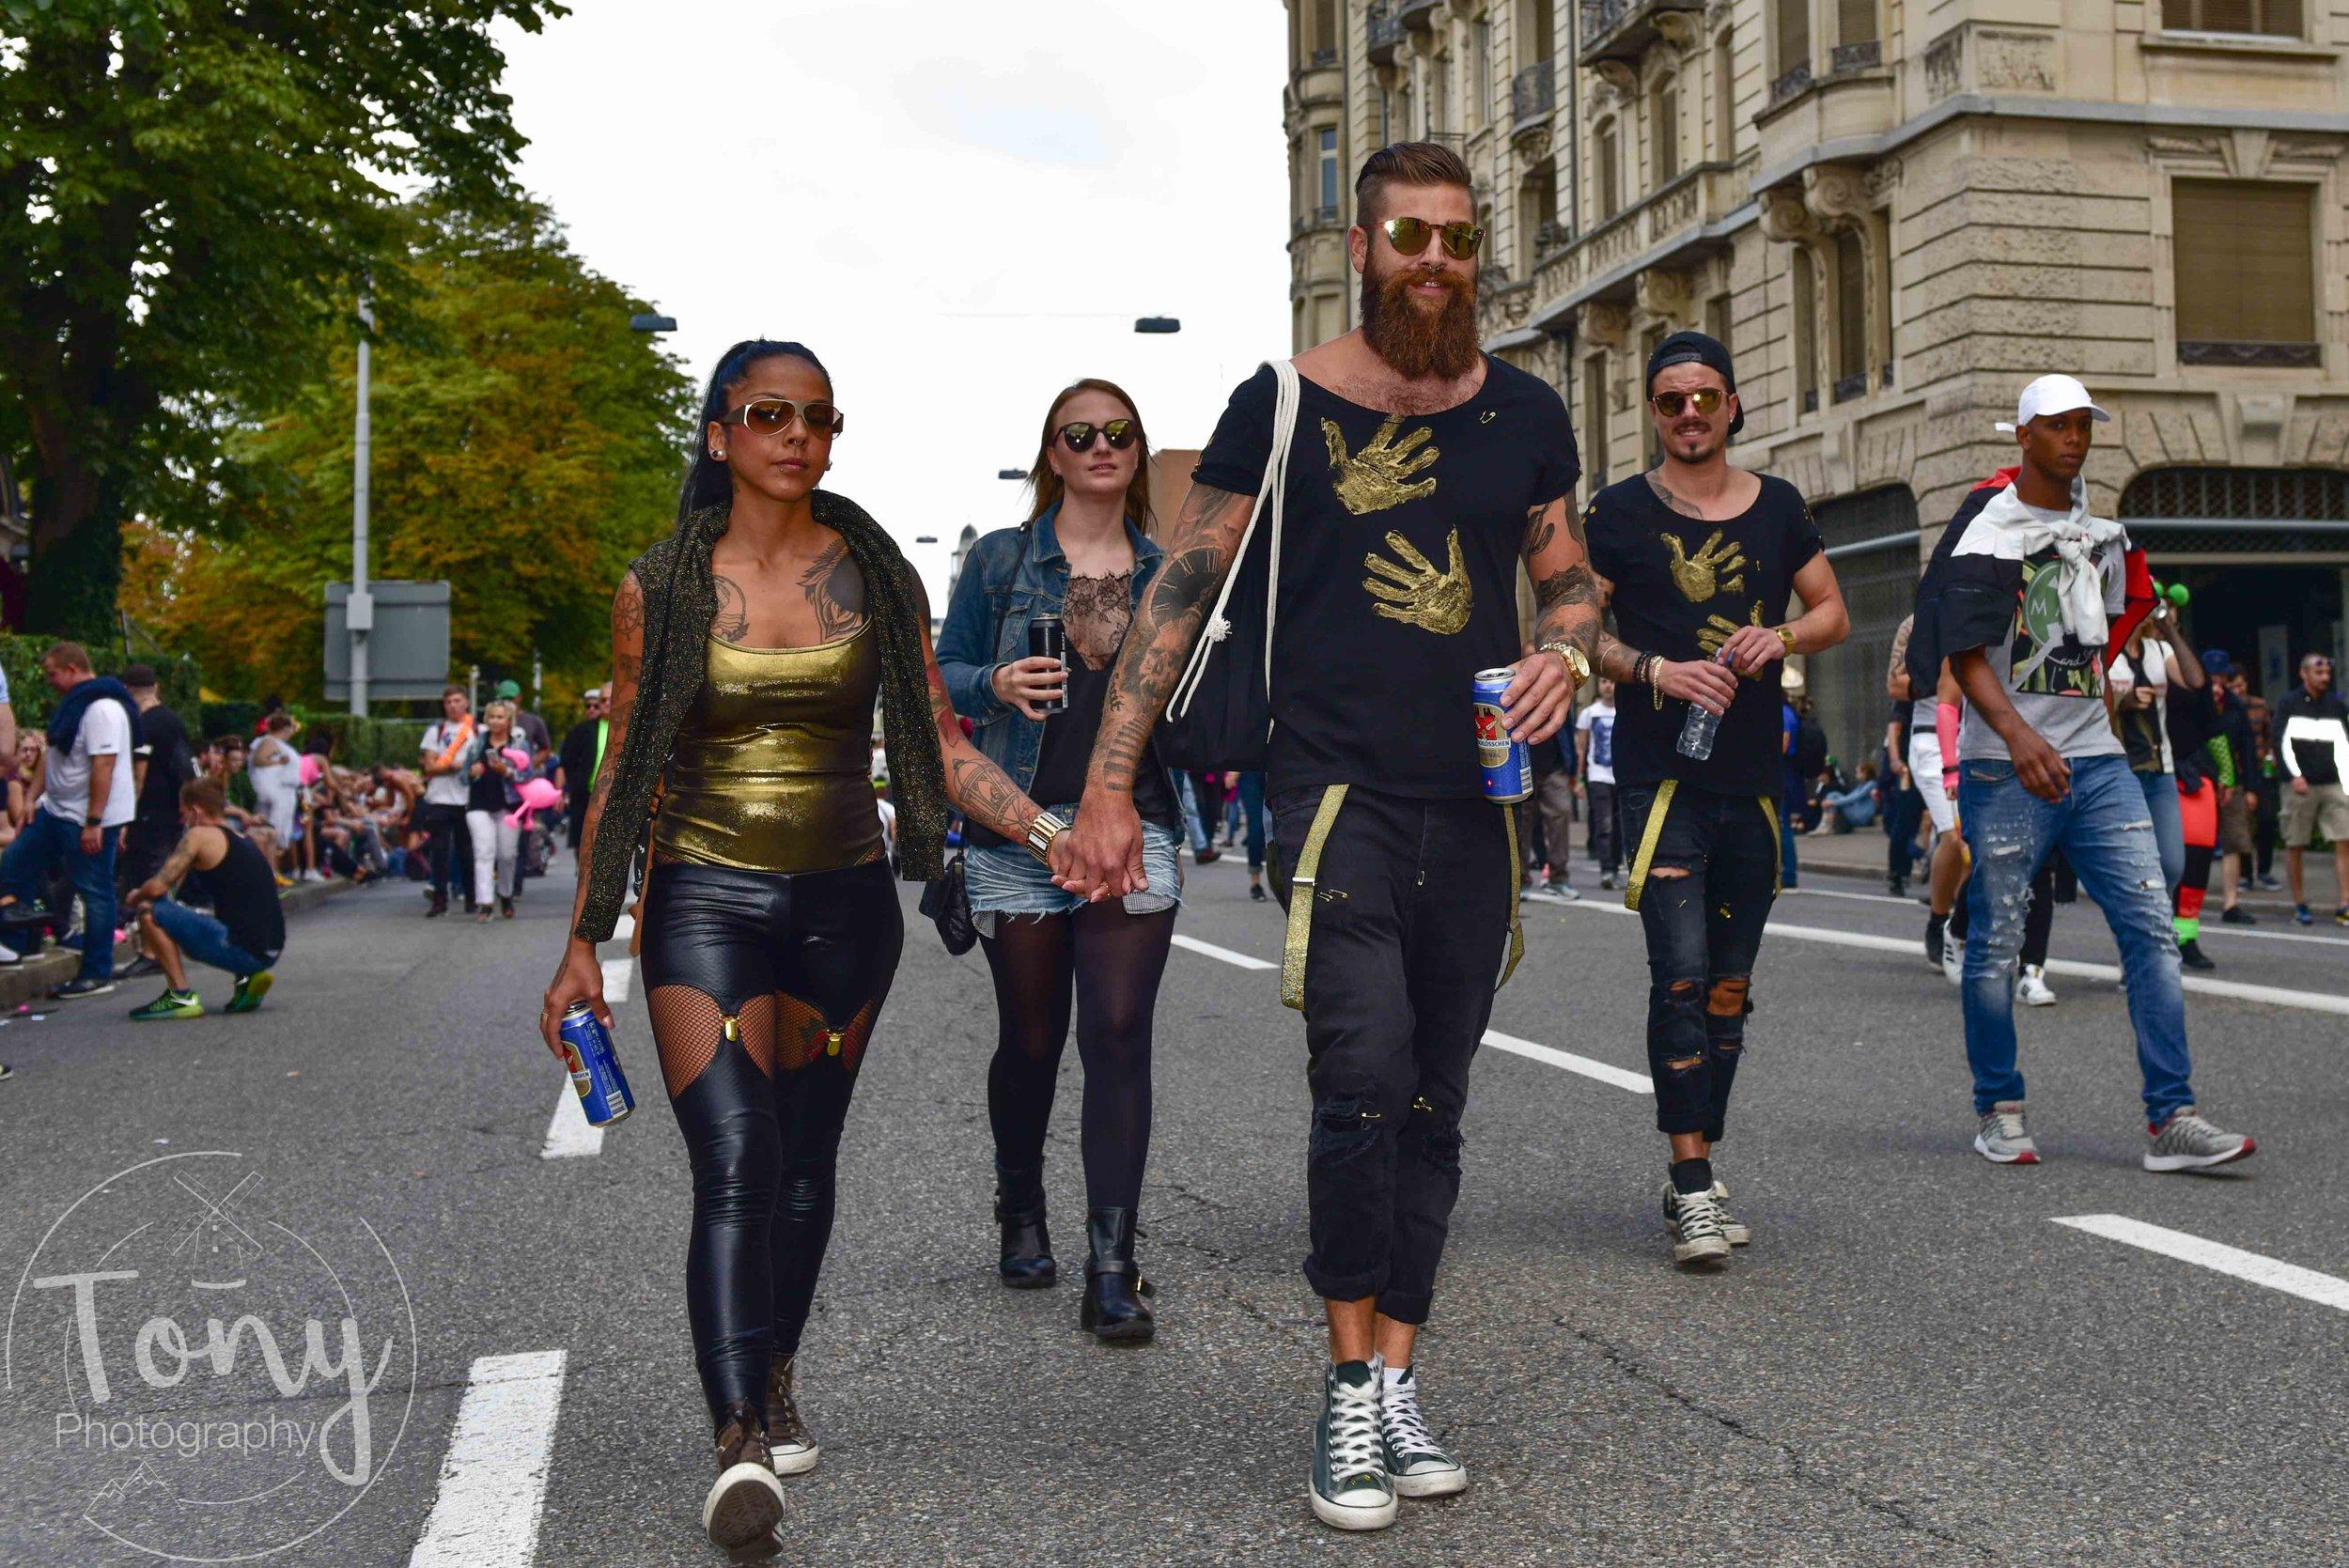 streetparade-24.jpg